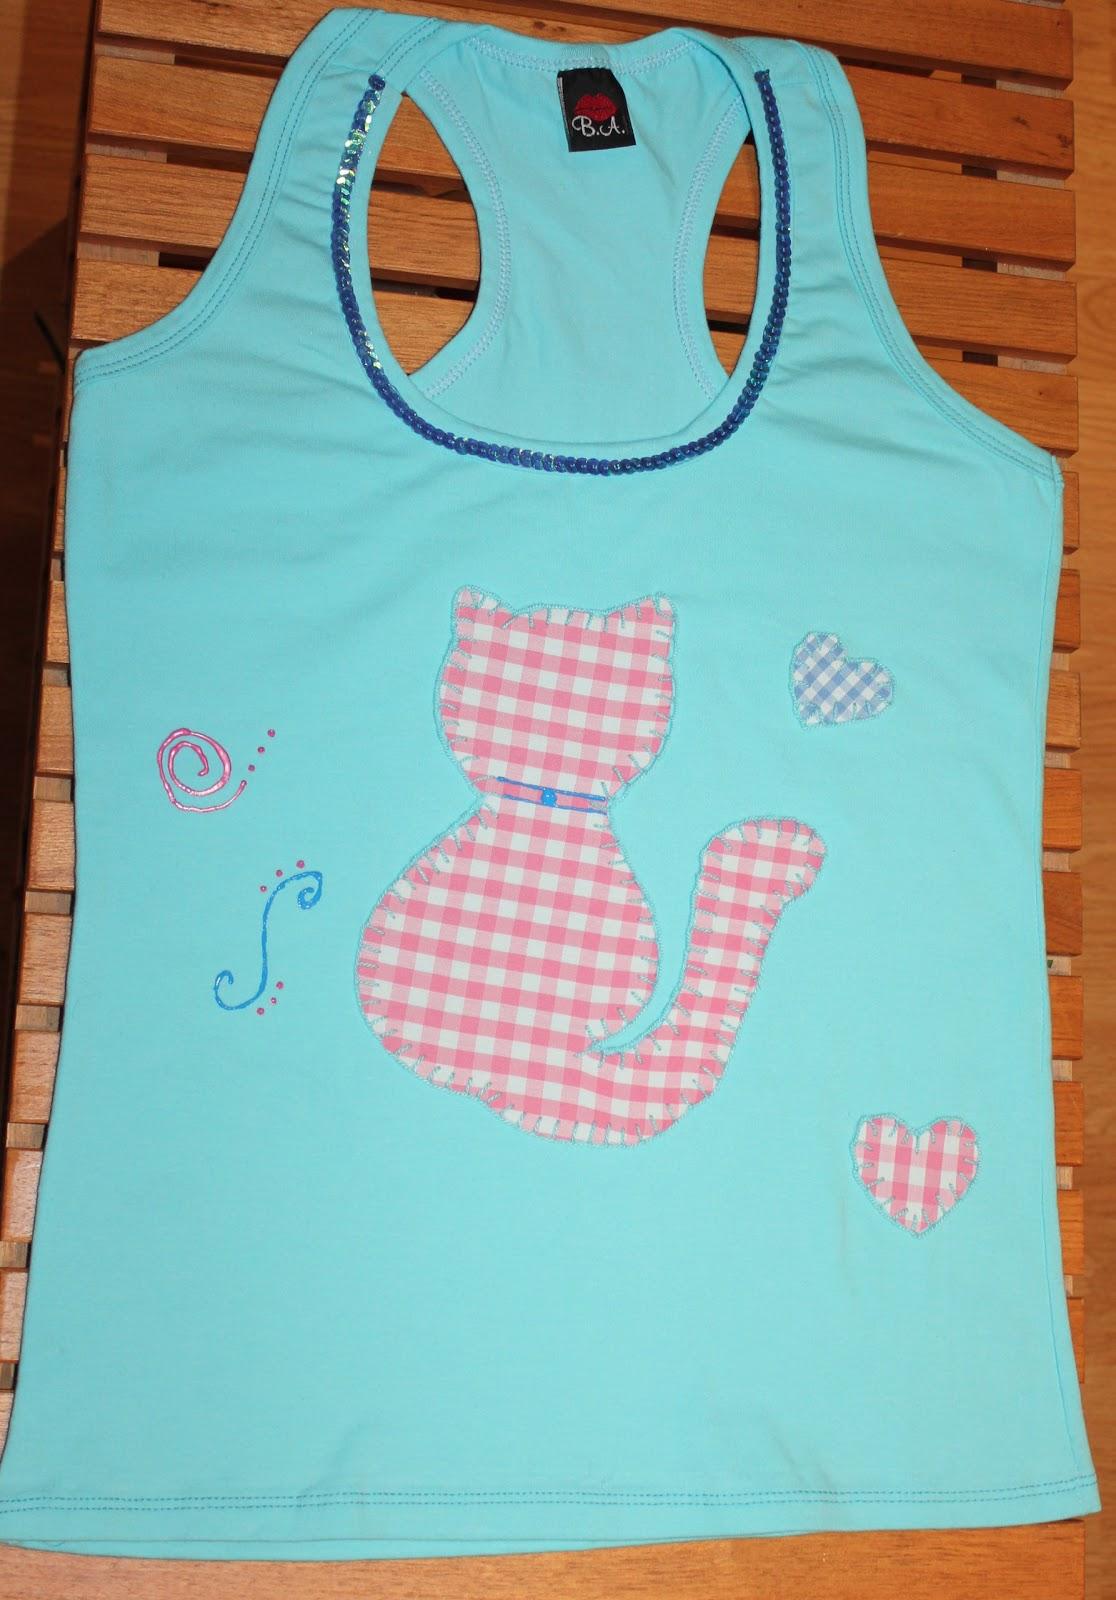 Camisetas Con PinturaPara PatchworkLentejuelas Y Decoradas Rqc34ASL5j